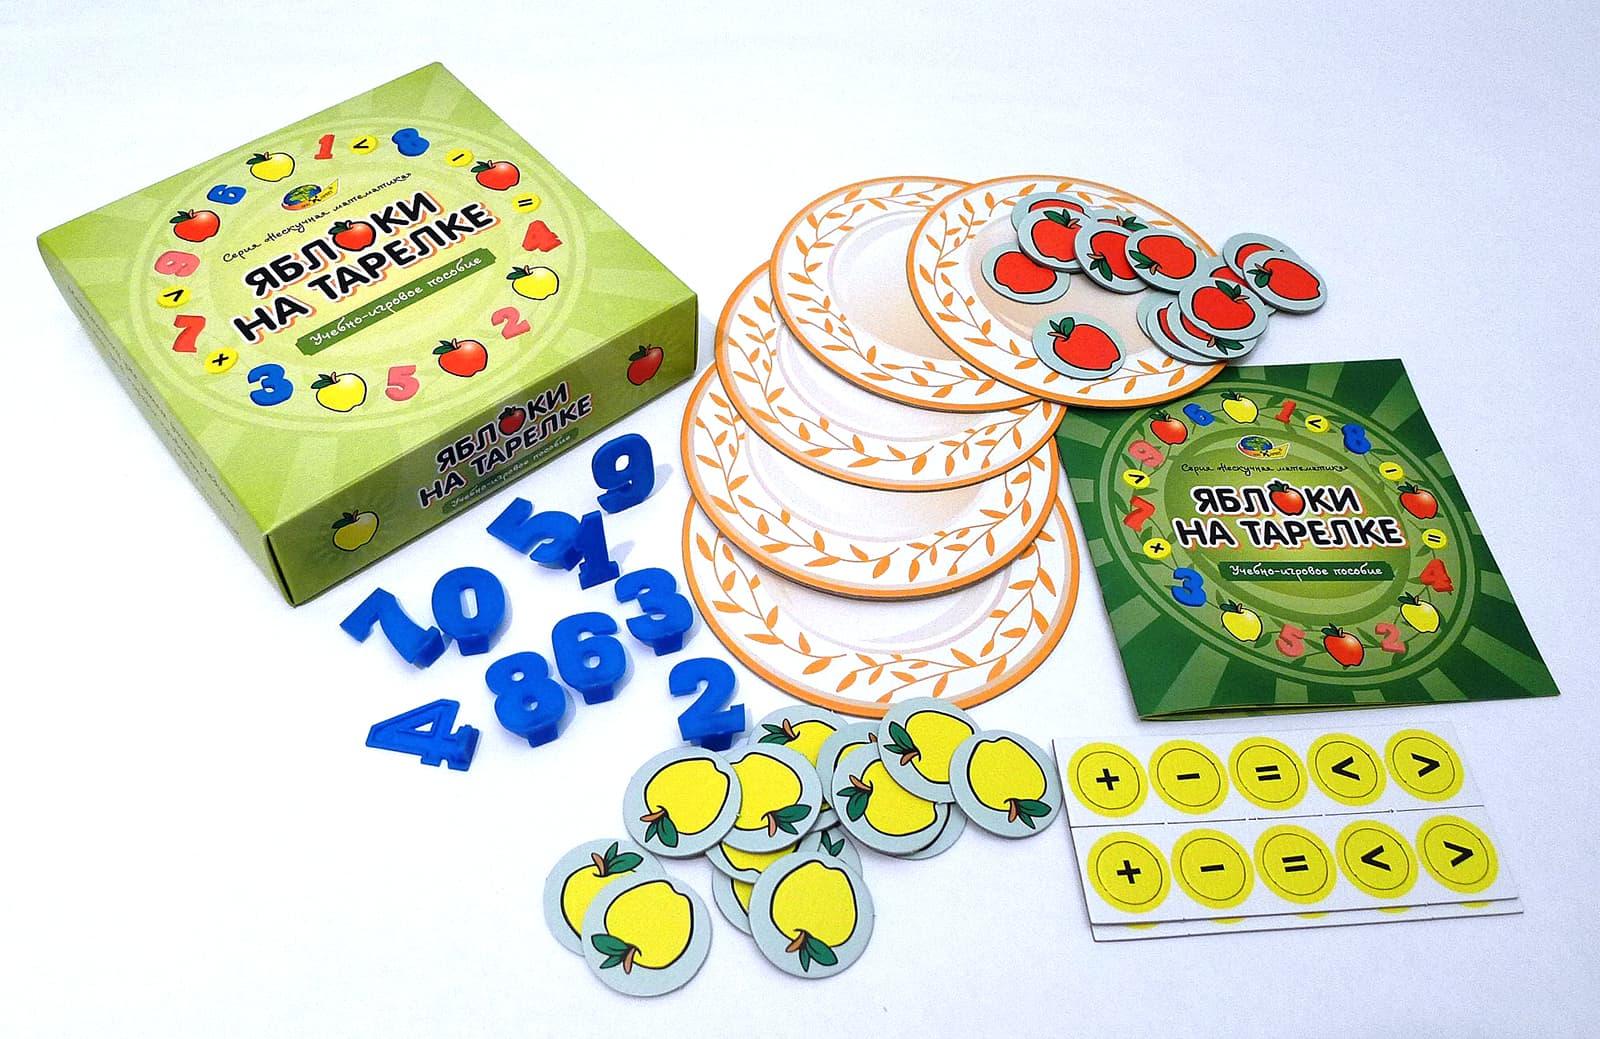 Настольная игра Яблоки на тарелке (Корвет) - В пособии использованы задачи Ж. Пиаже на установление независимости чисел от пространственных признаков, а также элементы ментальной математики.